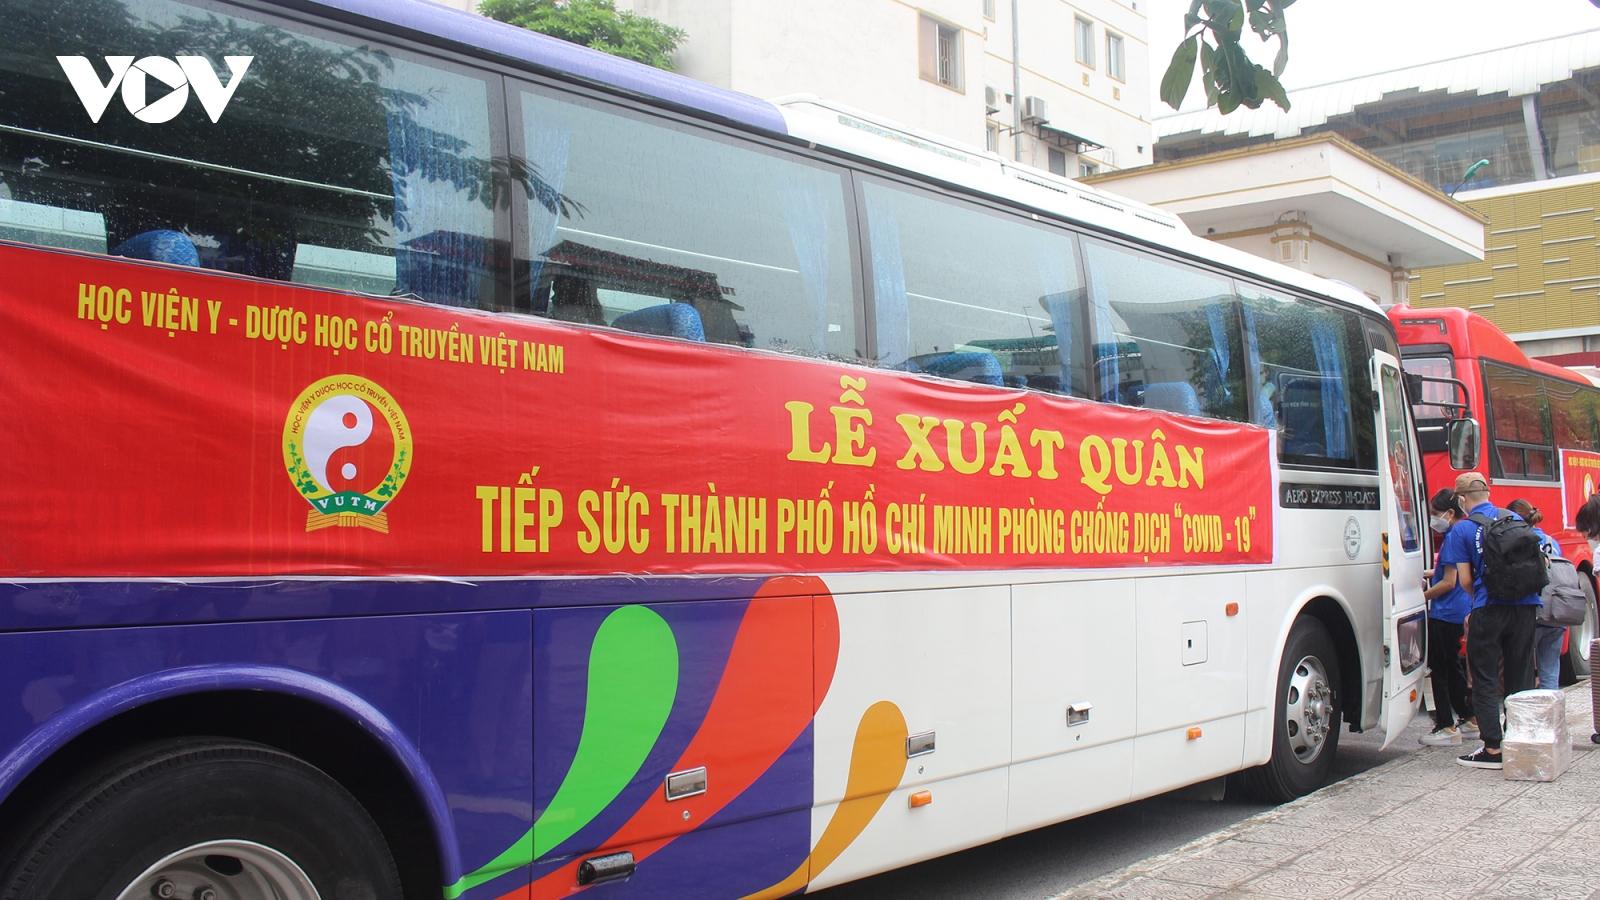 Học viện Y Dược học Cổ truyền Việt Nam lên đường vào hỗ trợ TP.HCM